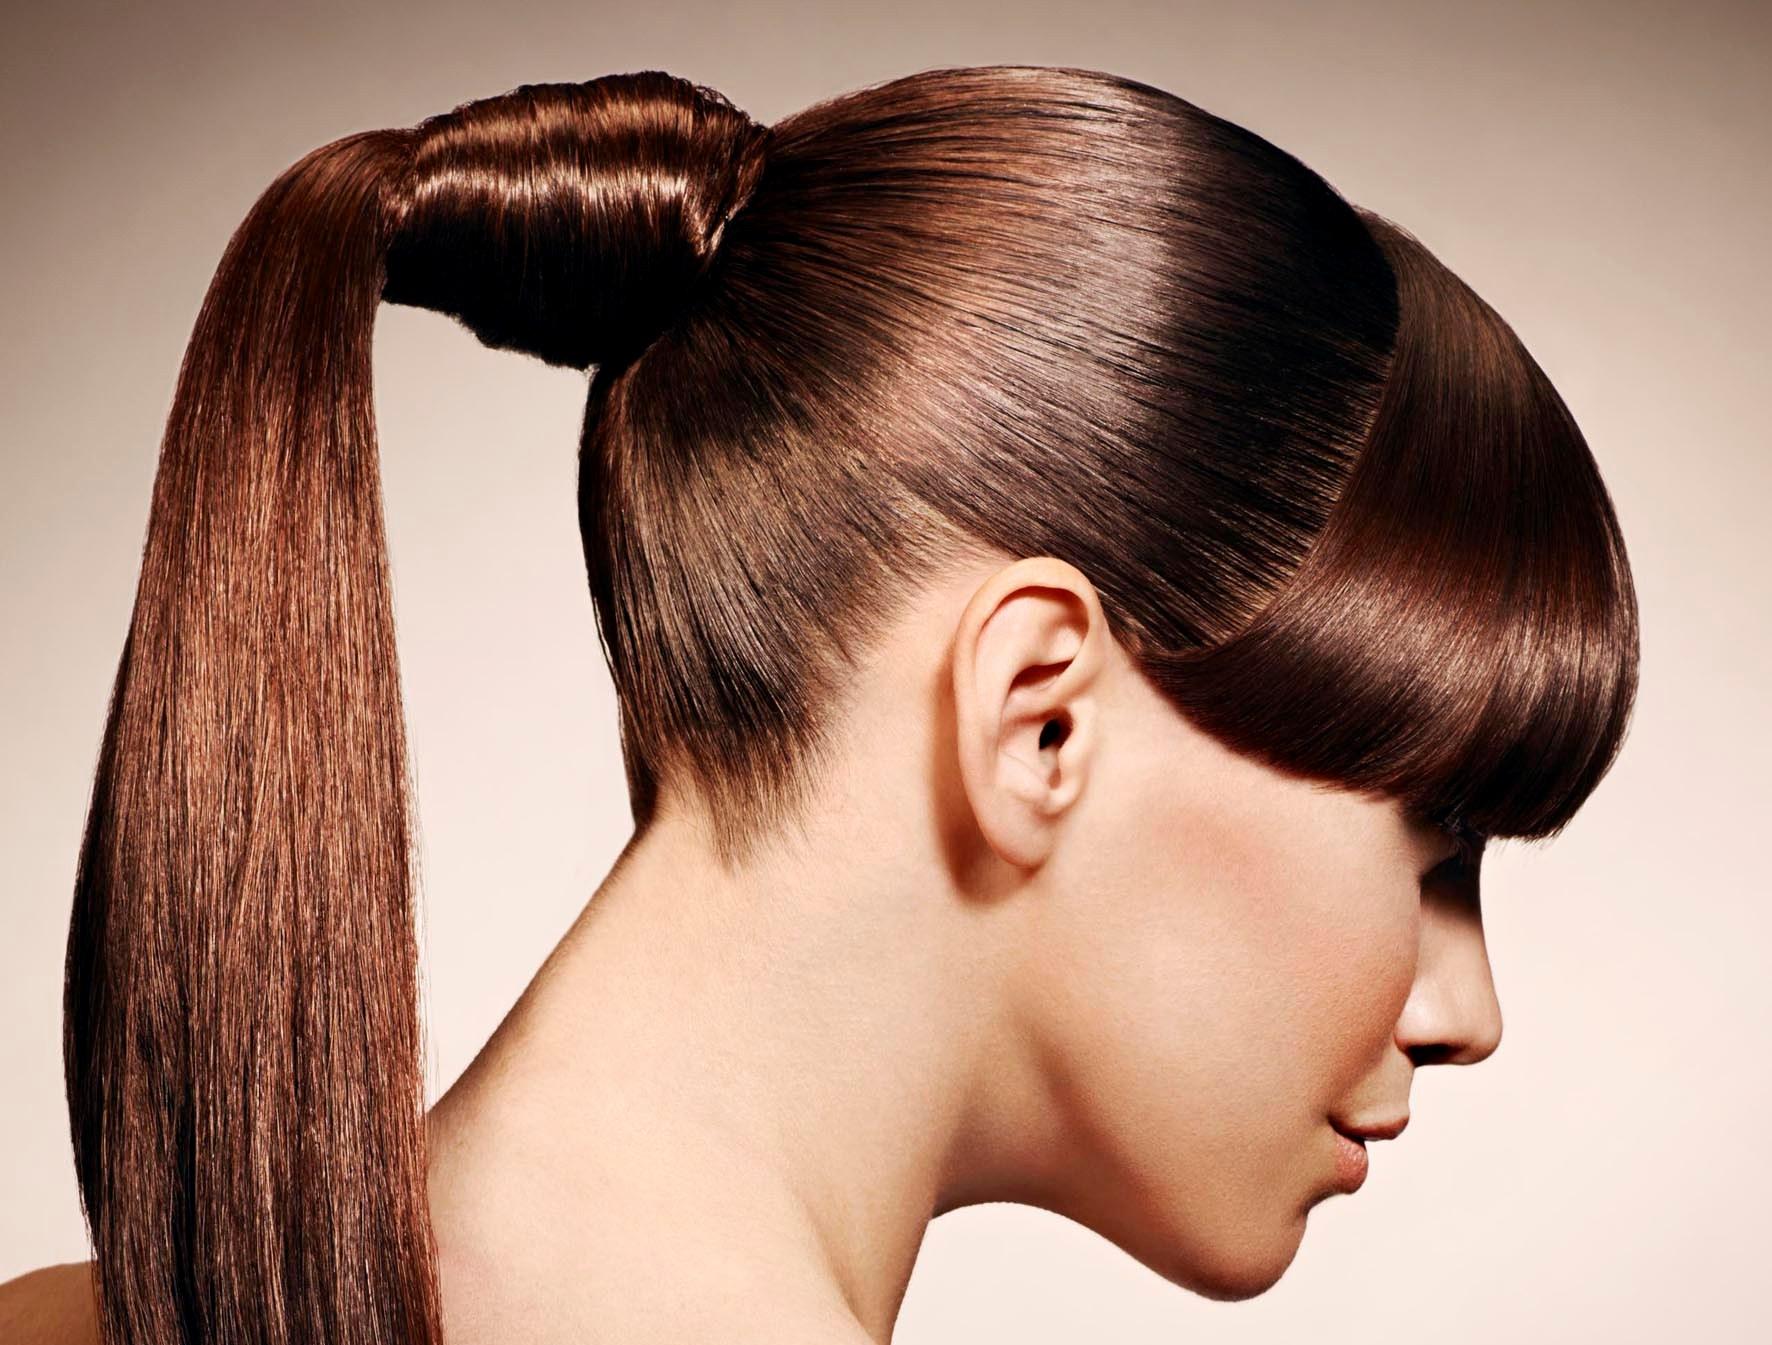 Восстановление волос у мужчин облысение